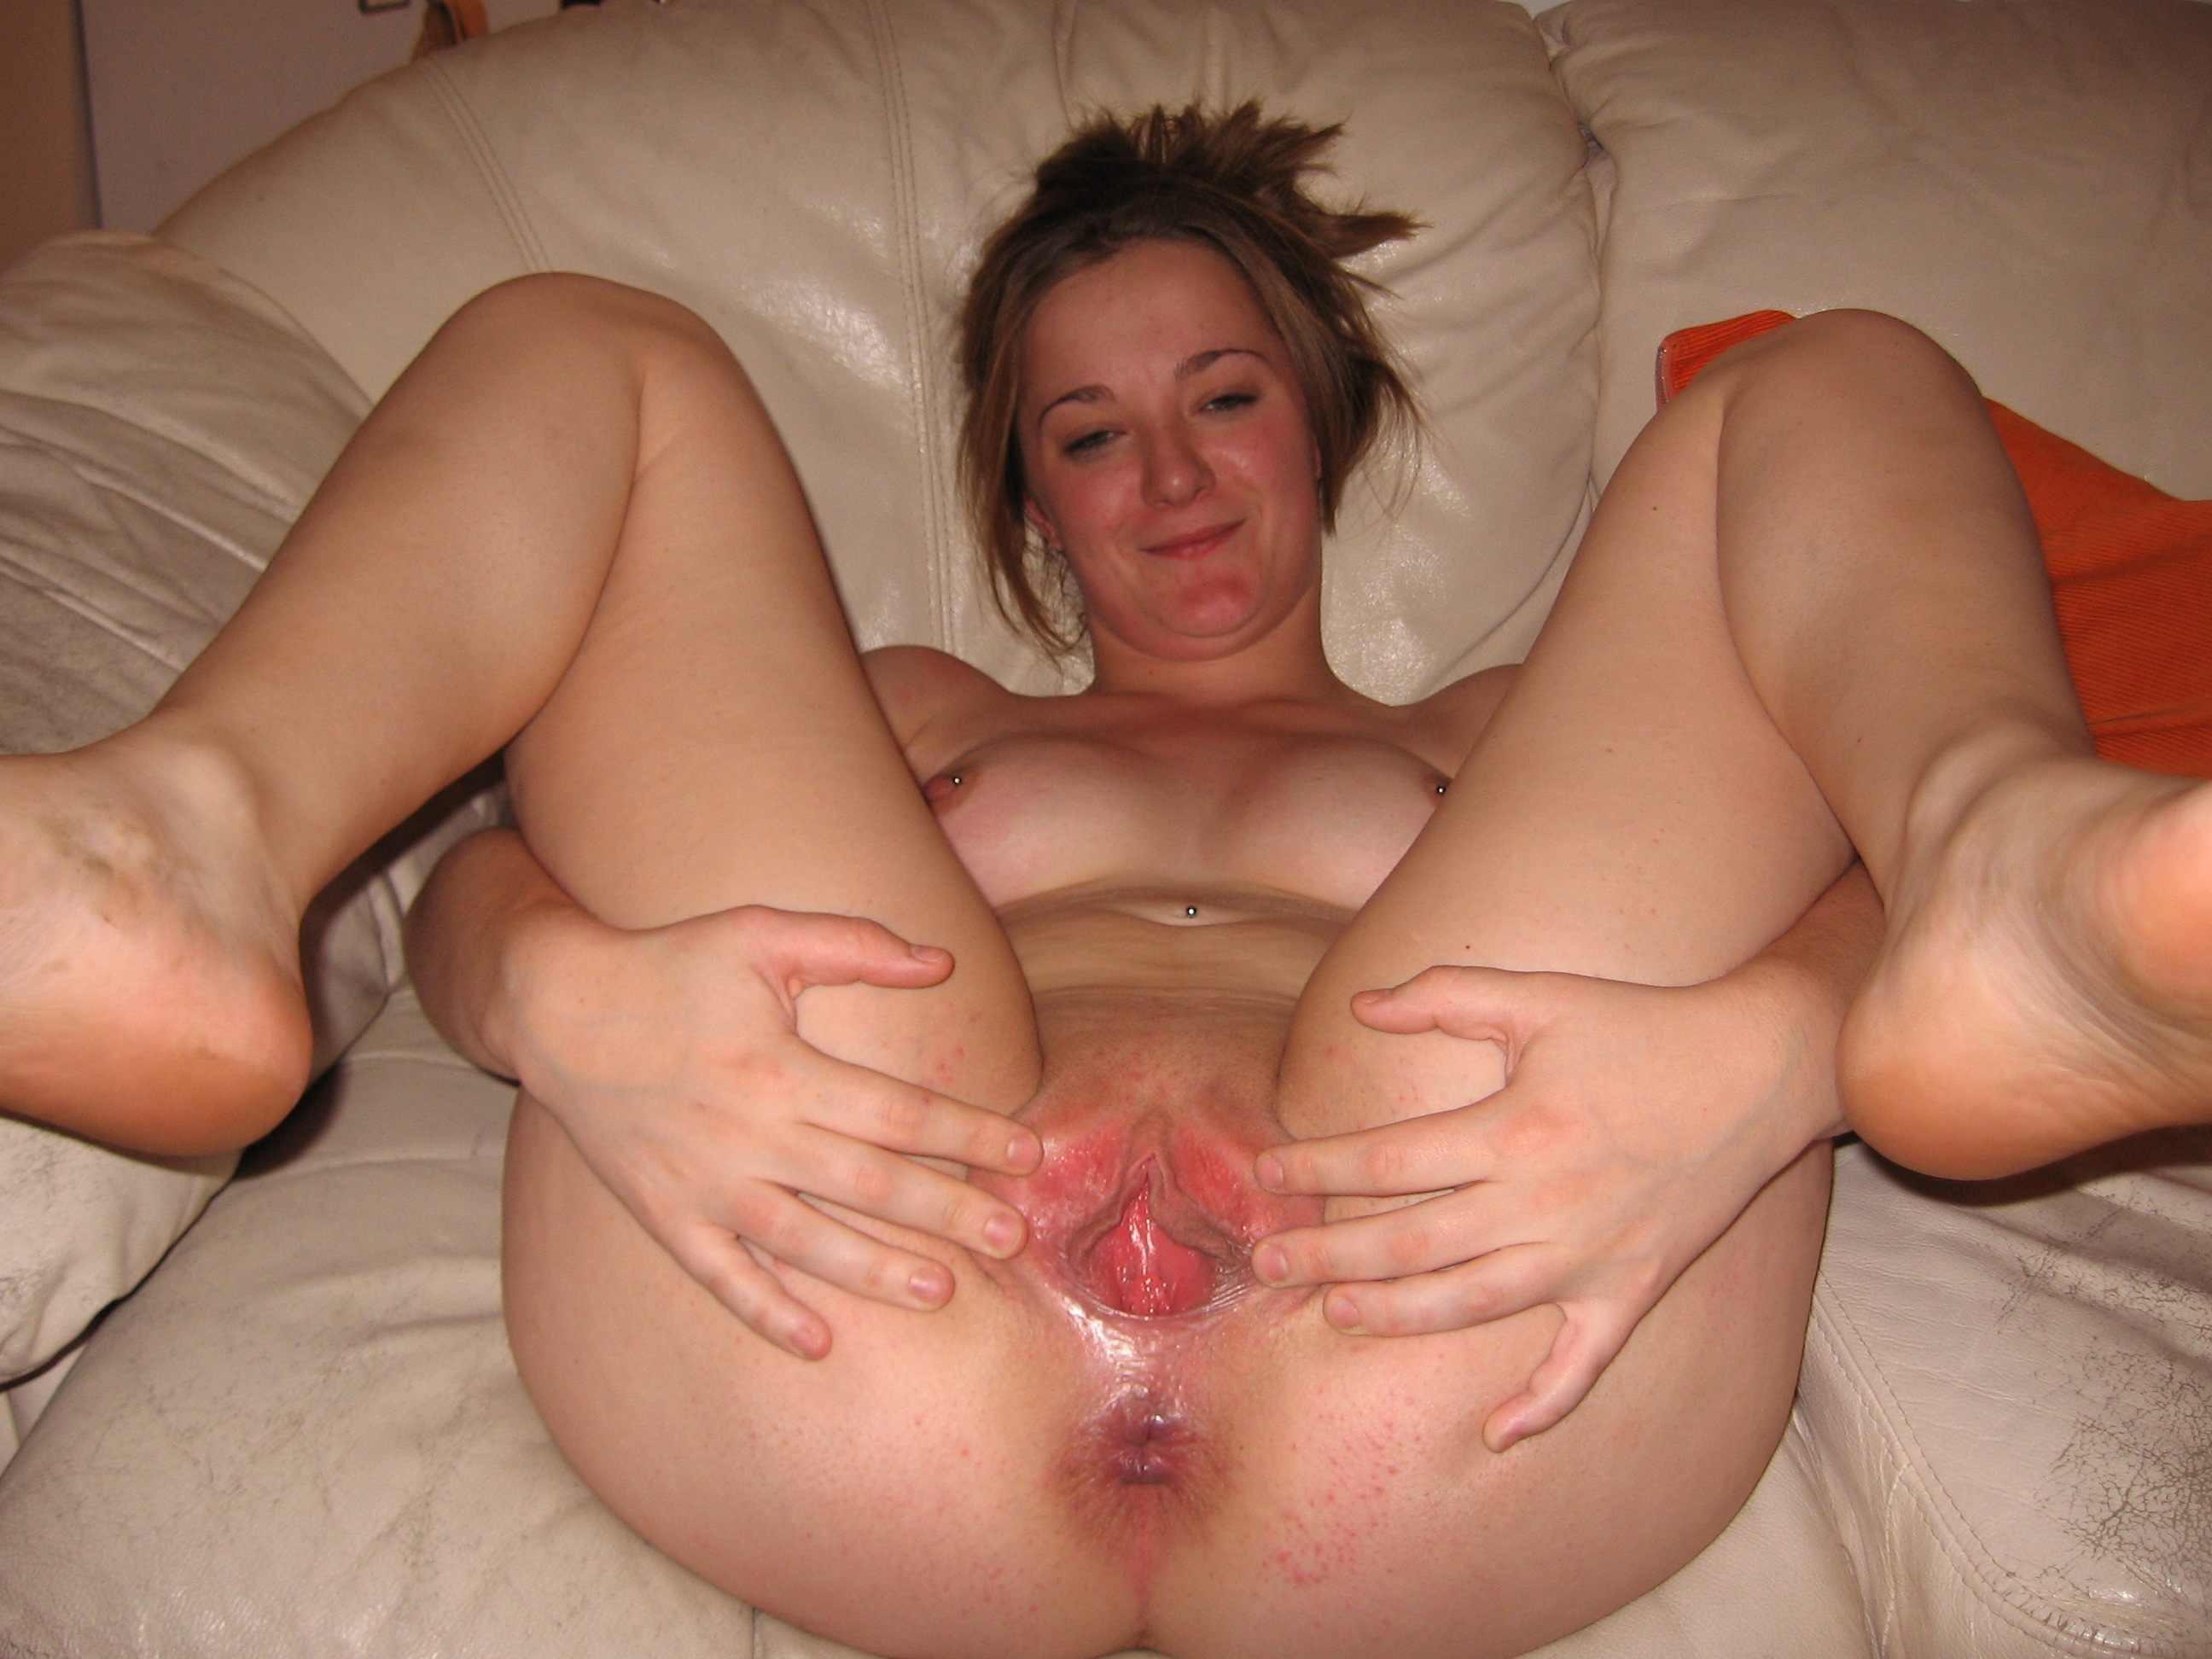 Порно раздолбанные влагалища фото